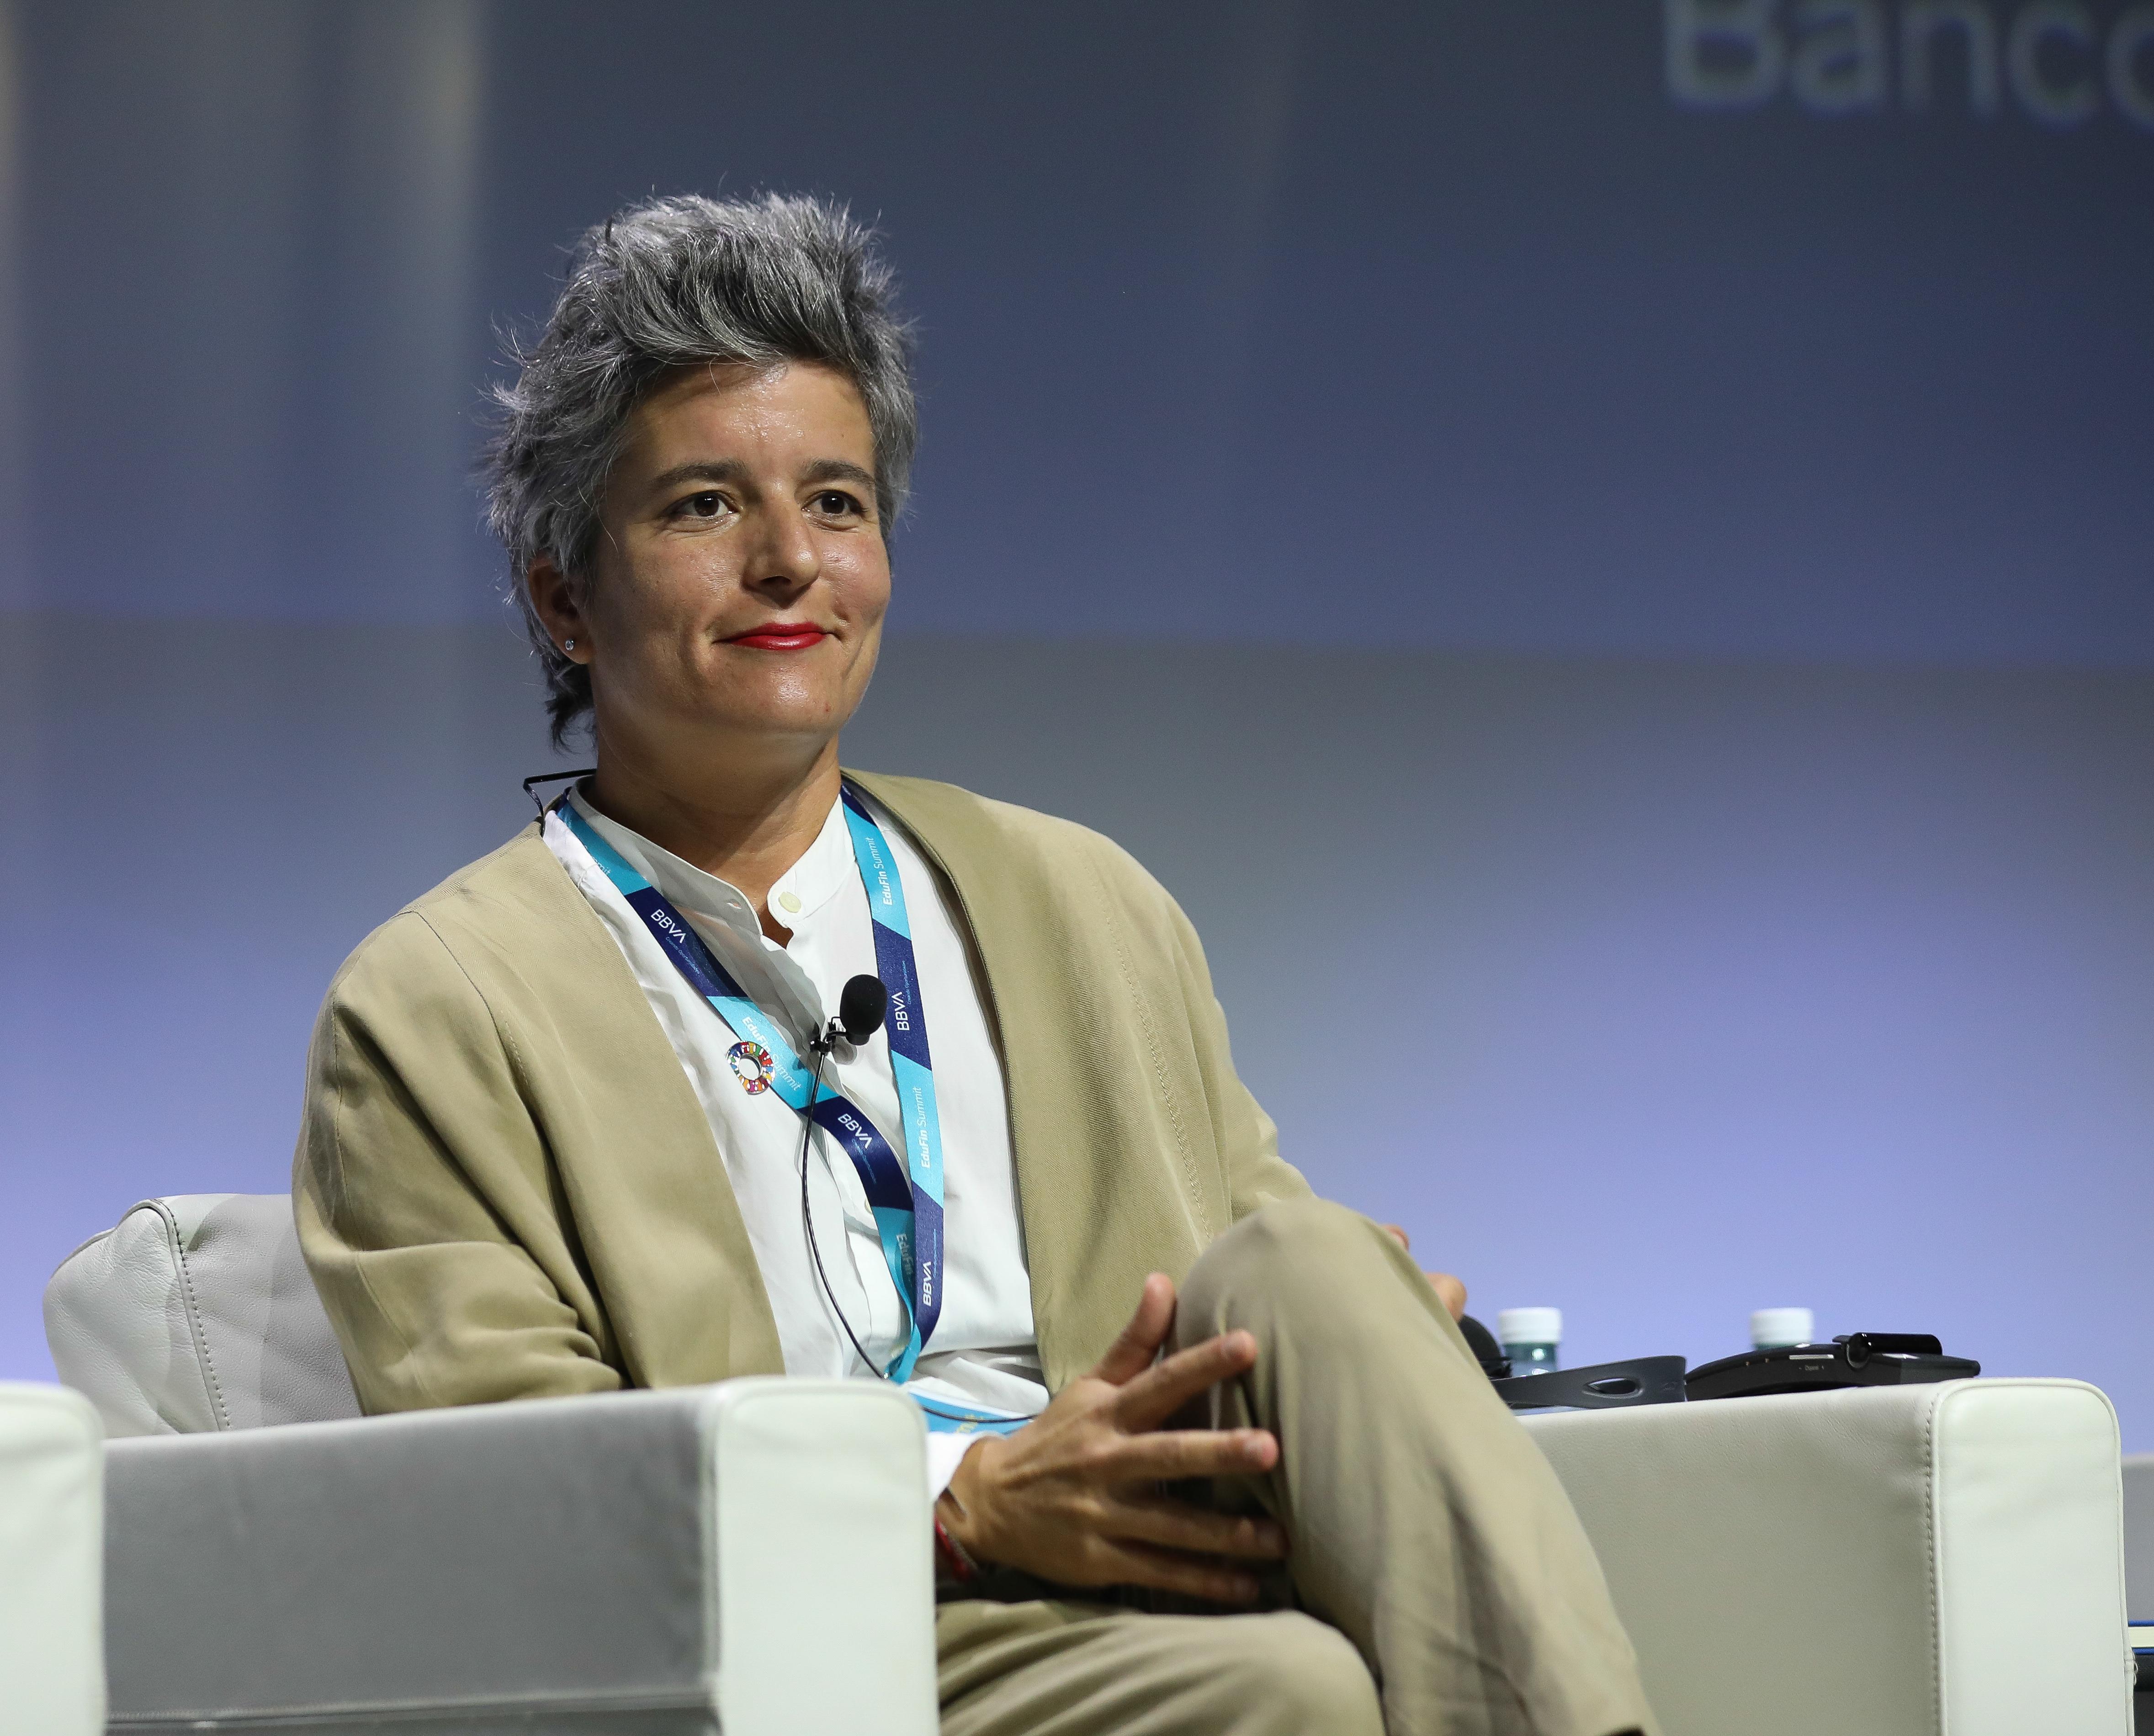 Verónica López Sabater, directora general de la Fundación Analistas Financieros Internacionales